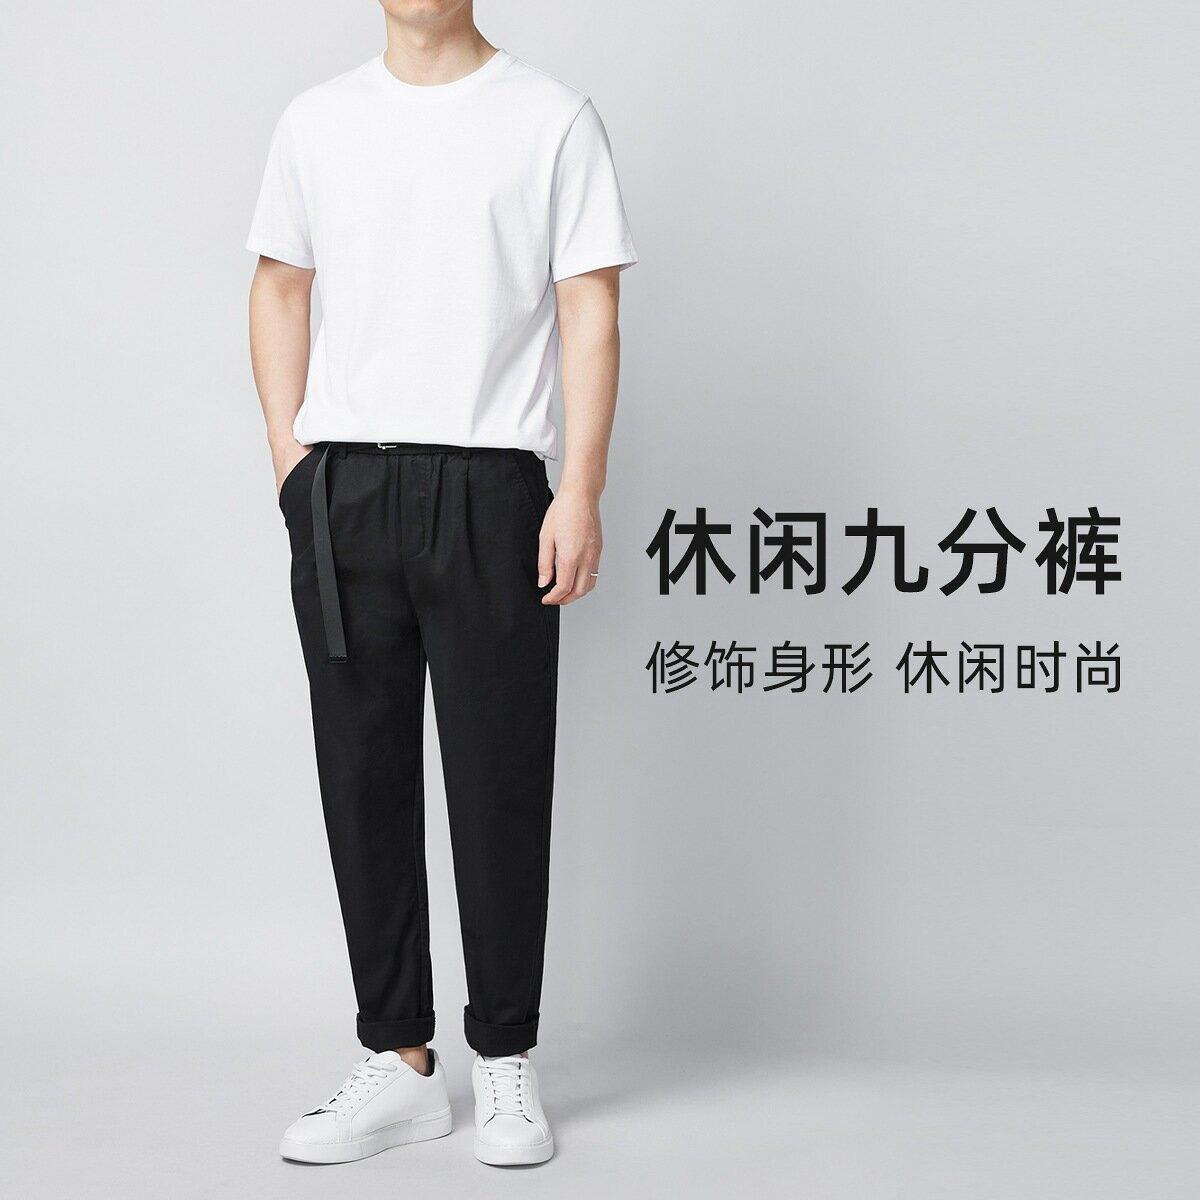 男裝2021春季新款鬆緊腰男士休閒褲 中腰無彈九分褲男